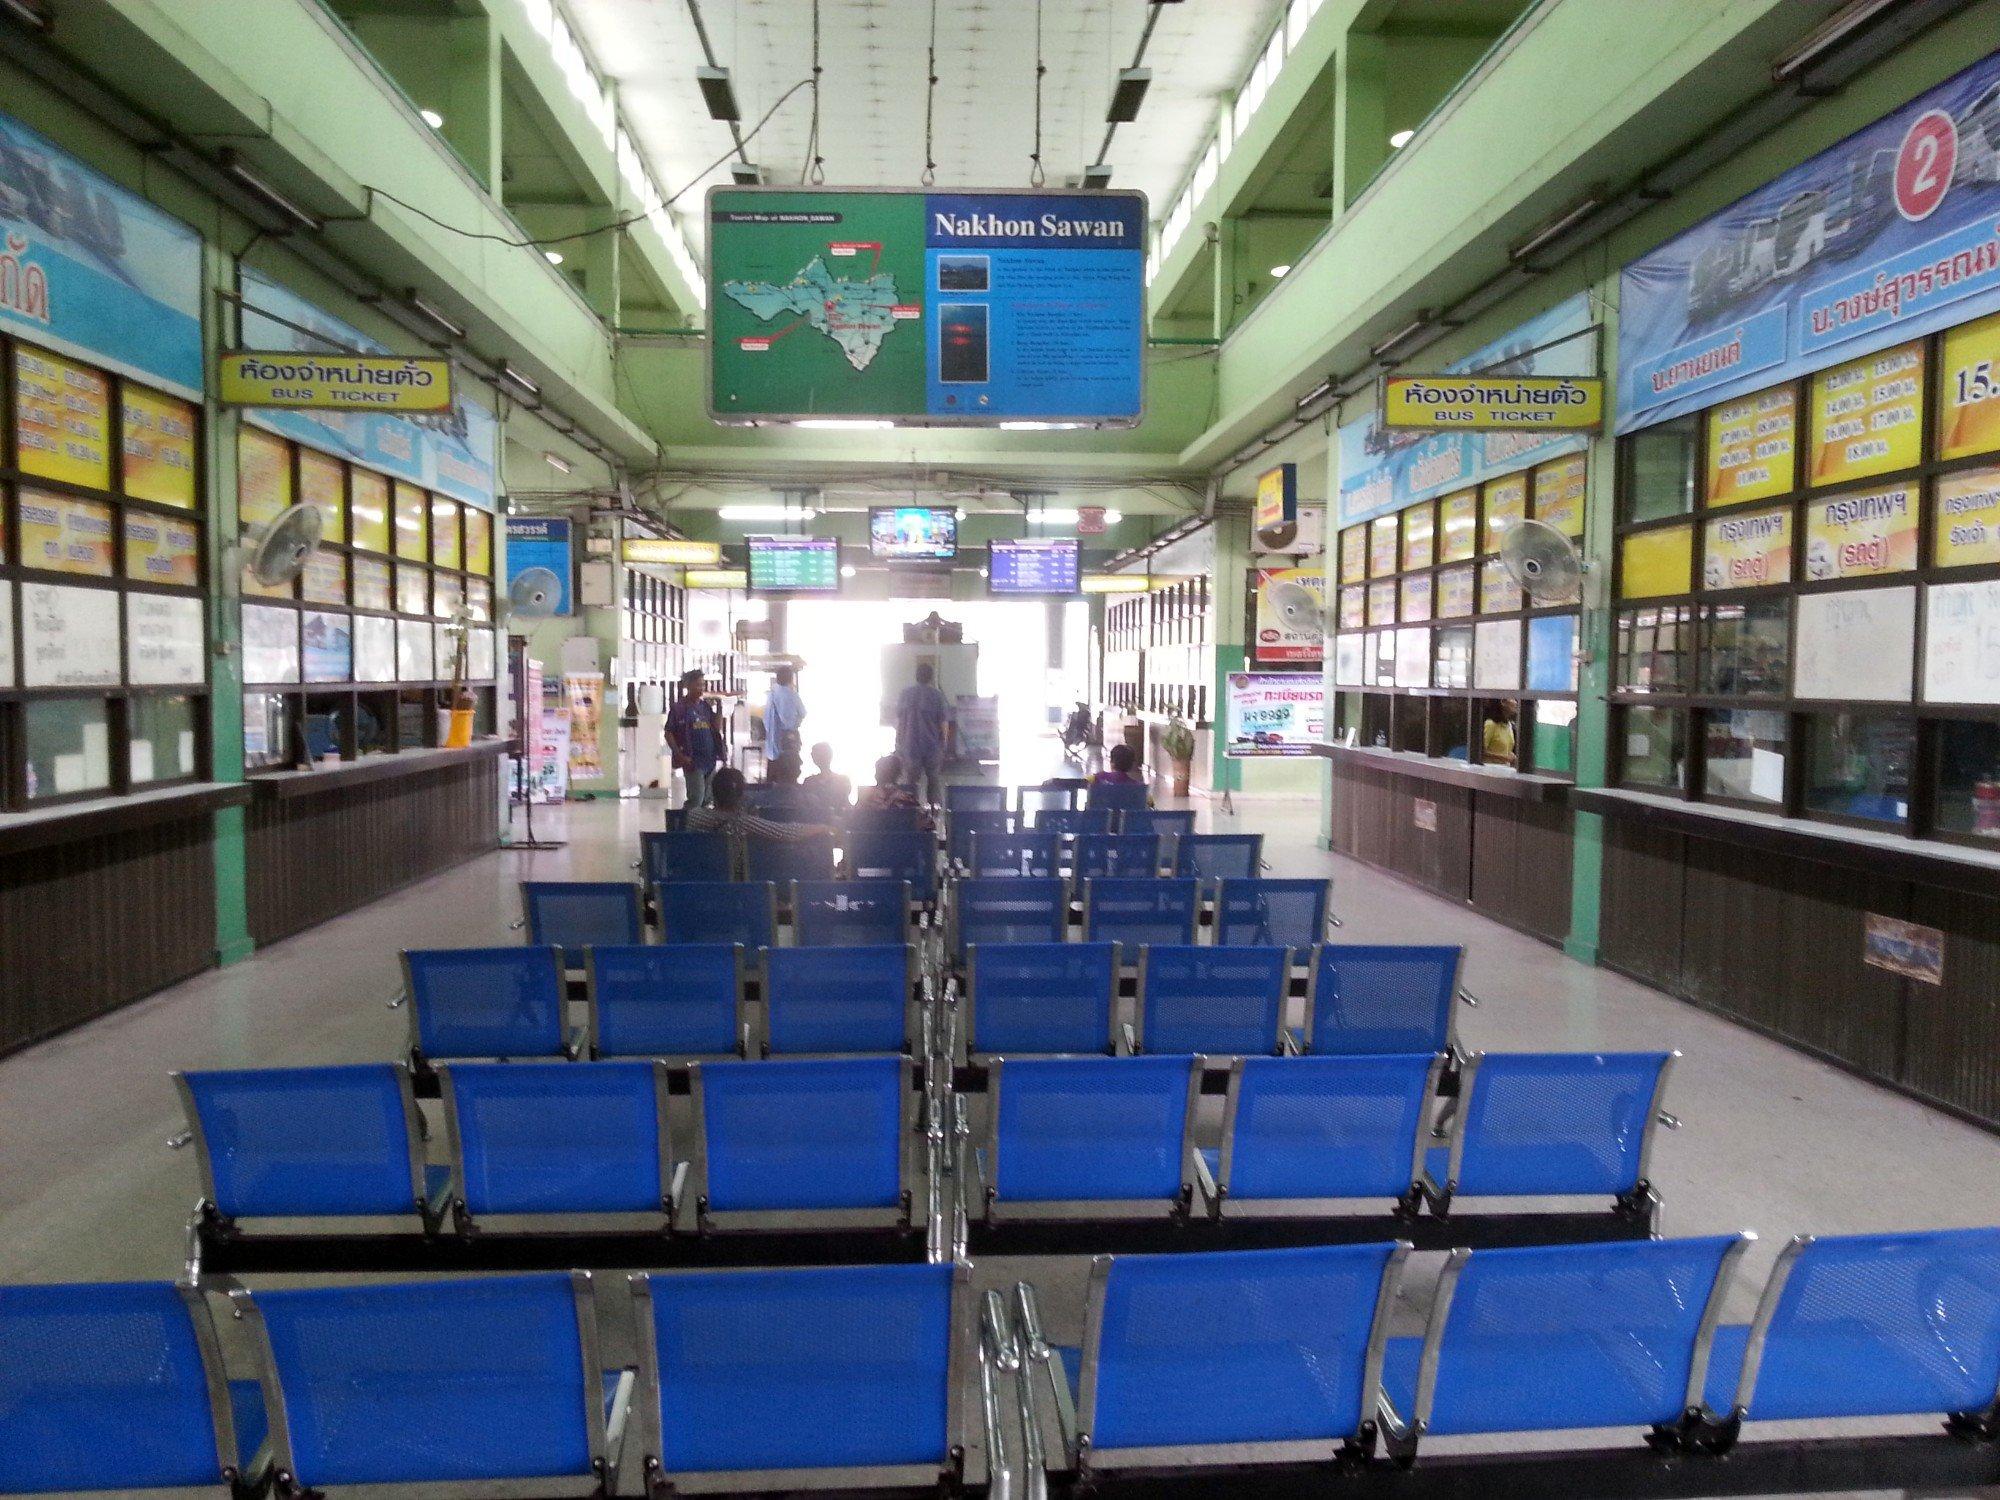 Ticket hall at Nakhon Sawan Bus Terminal